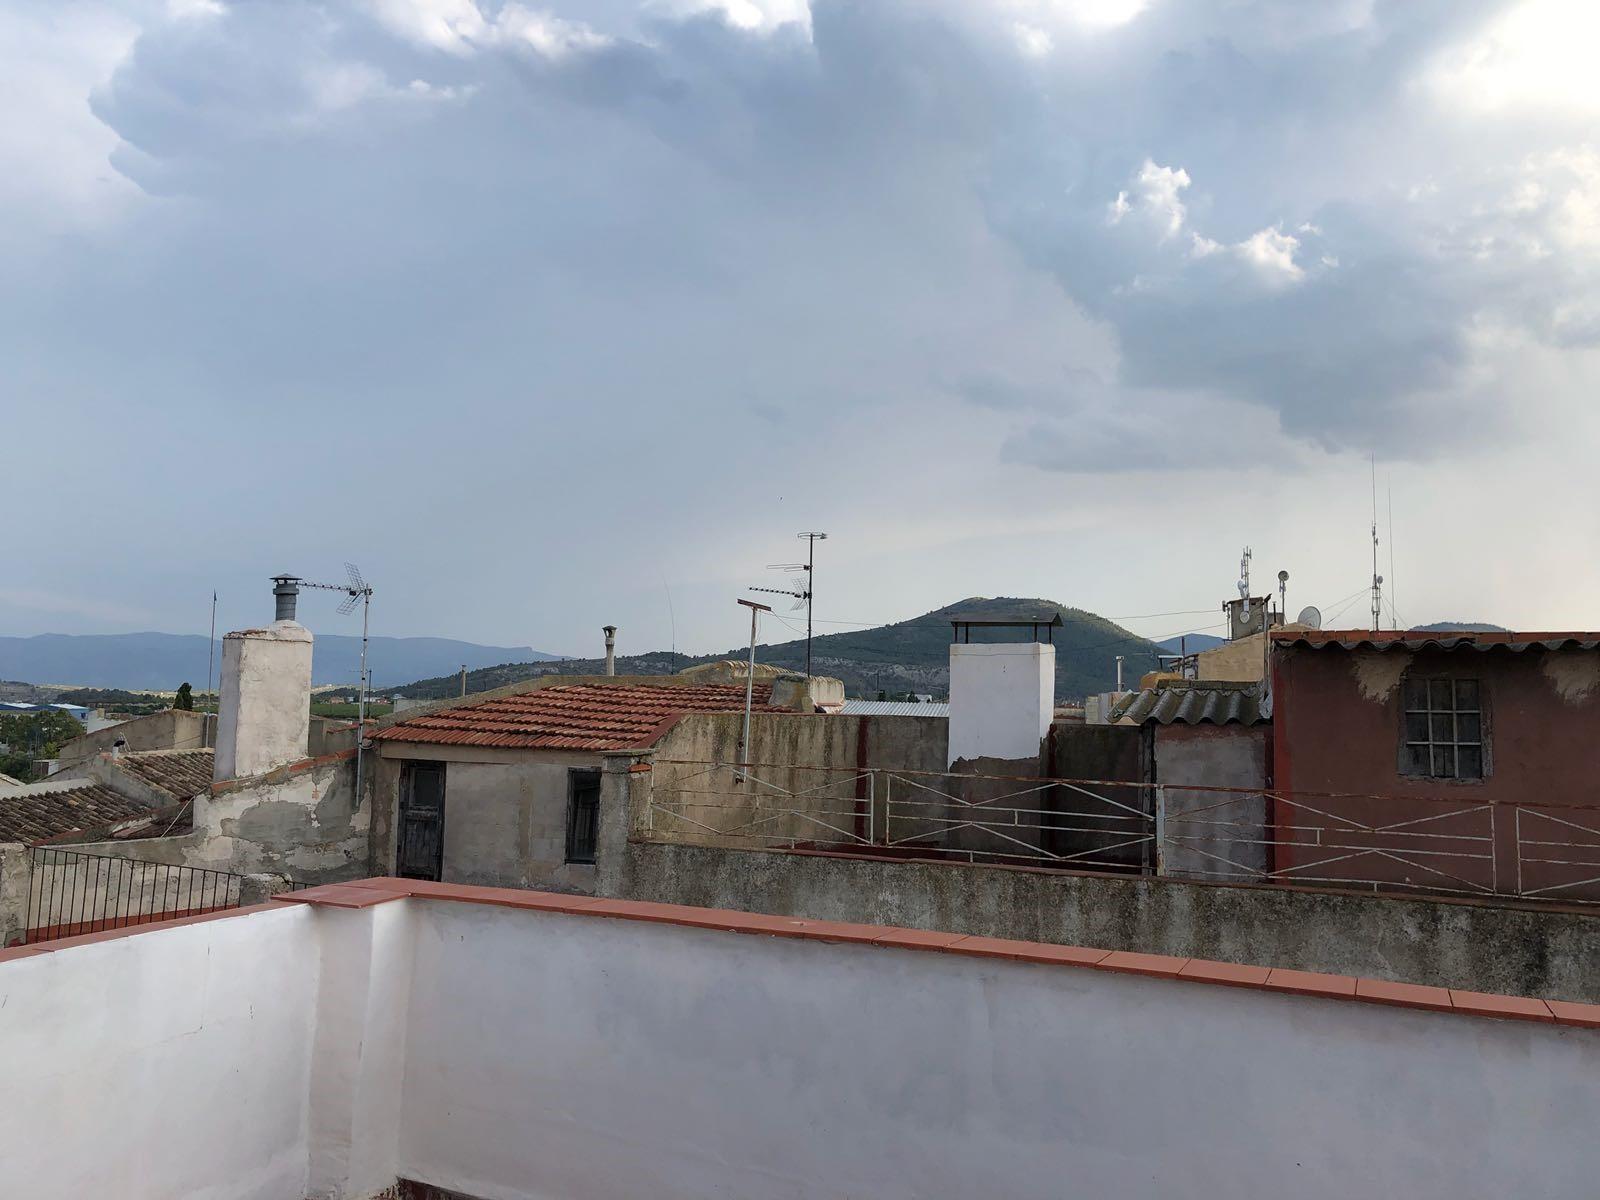 Casa calle Rodenas, camino real